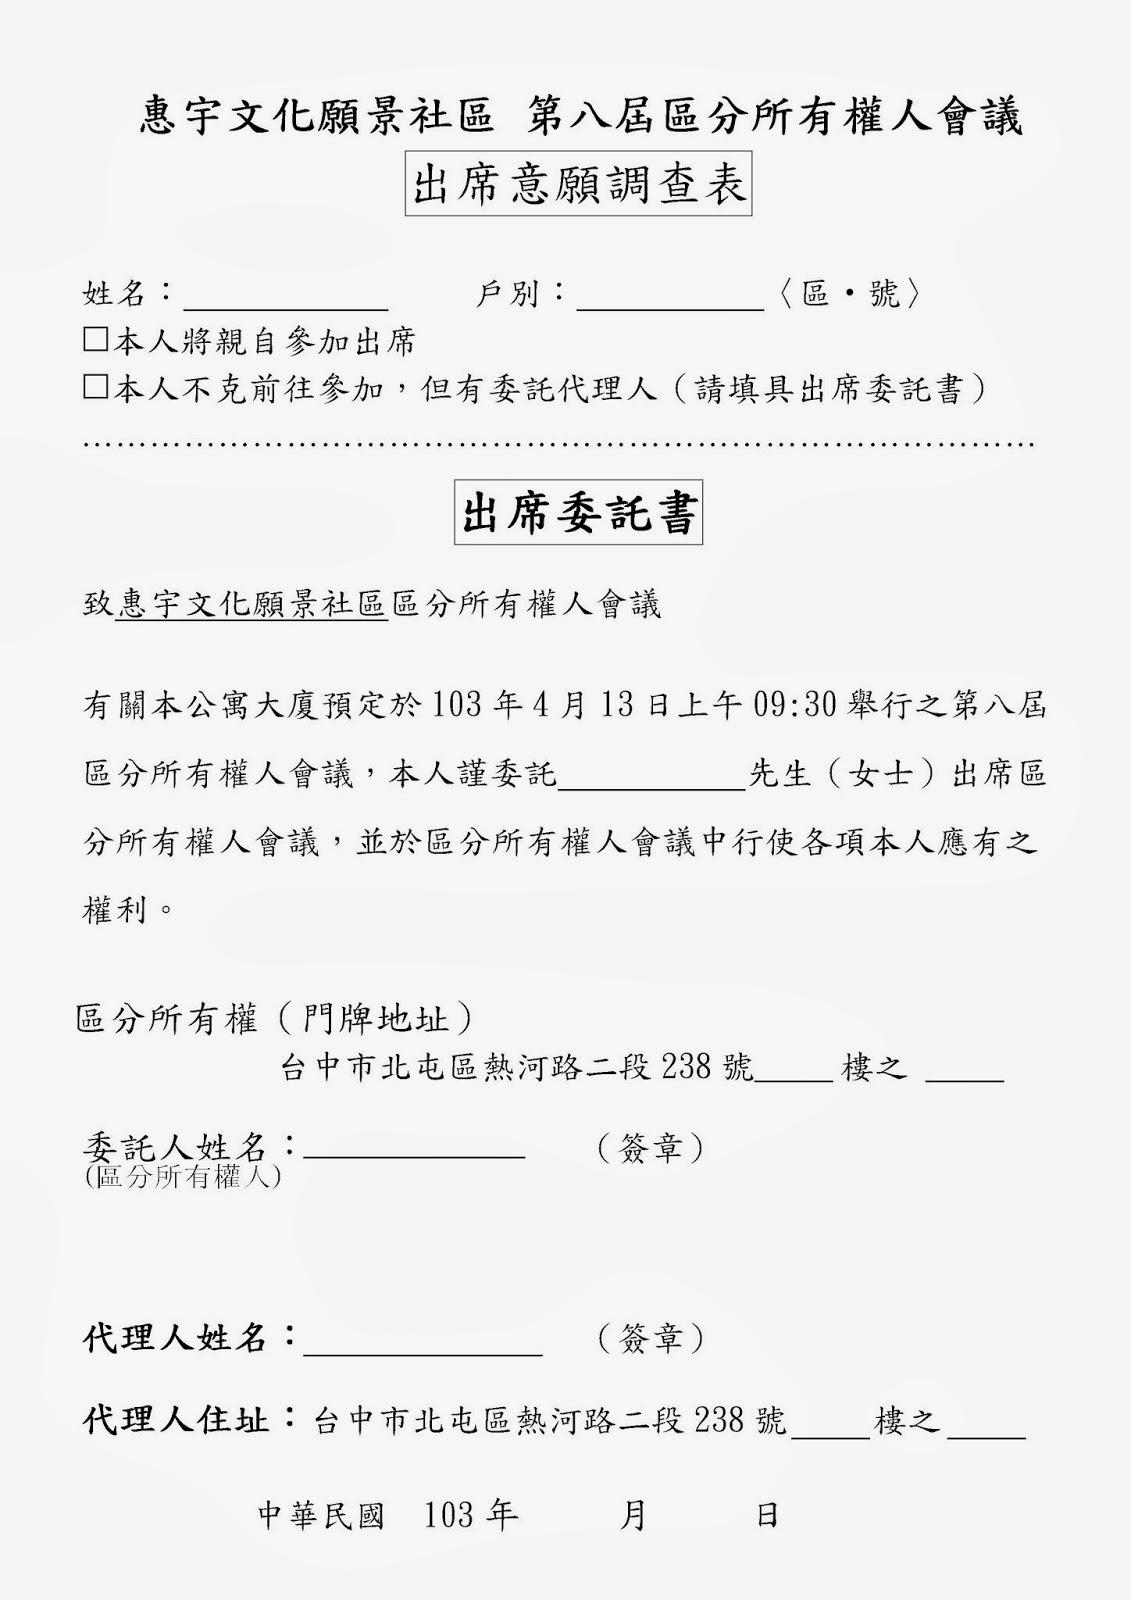 『 惠宇文化願景 社區管委會 Community Committee